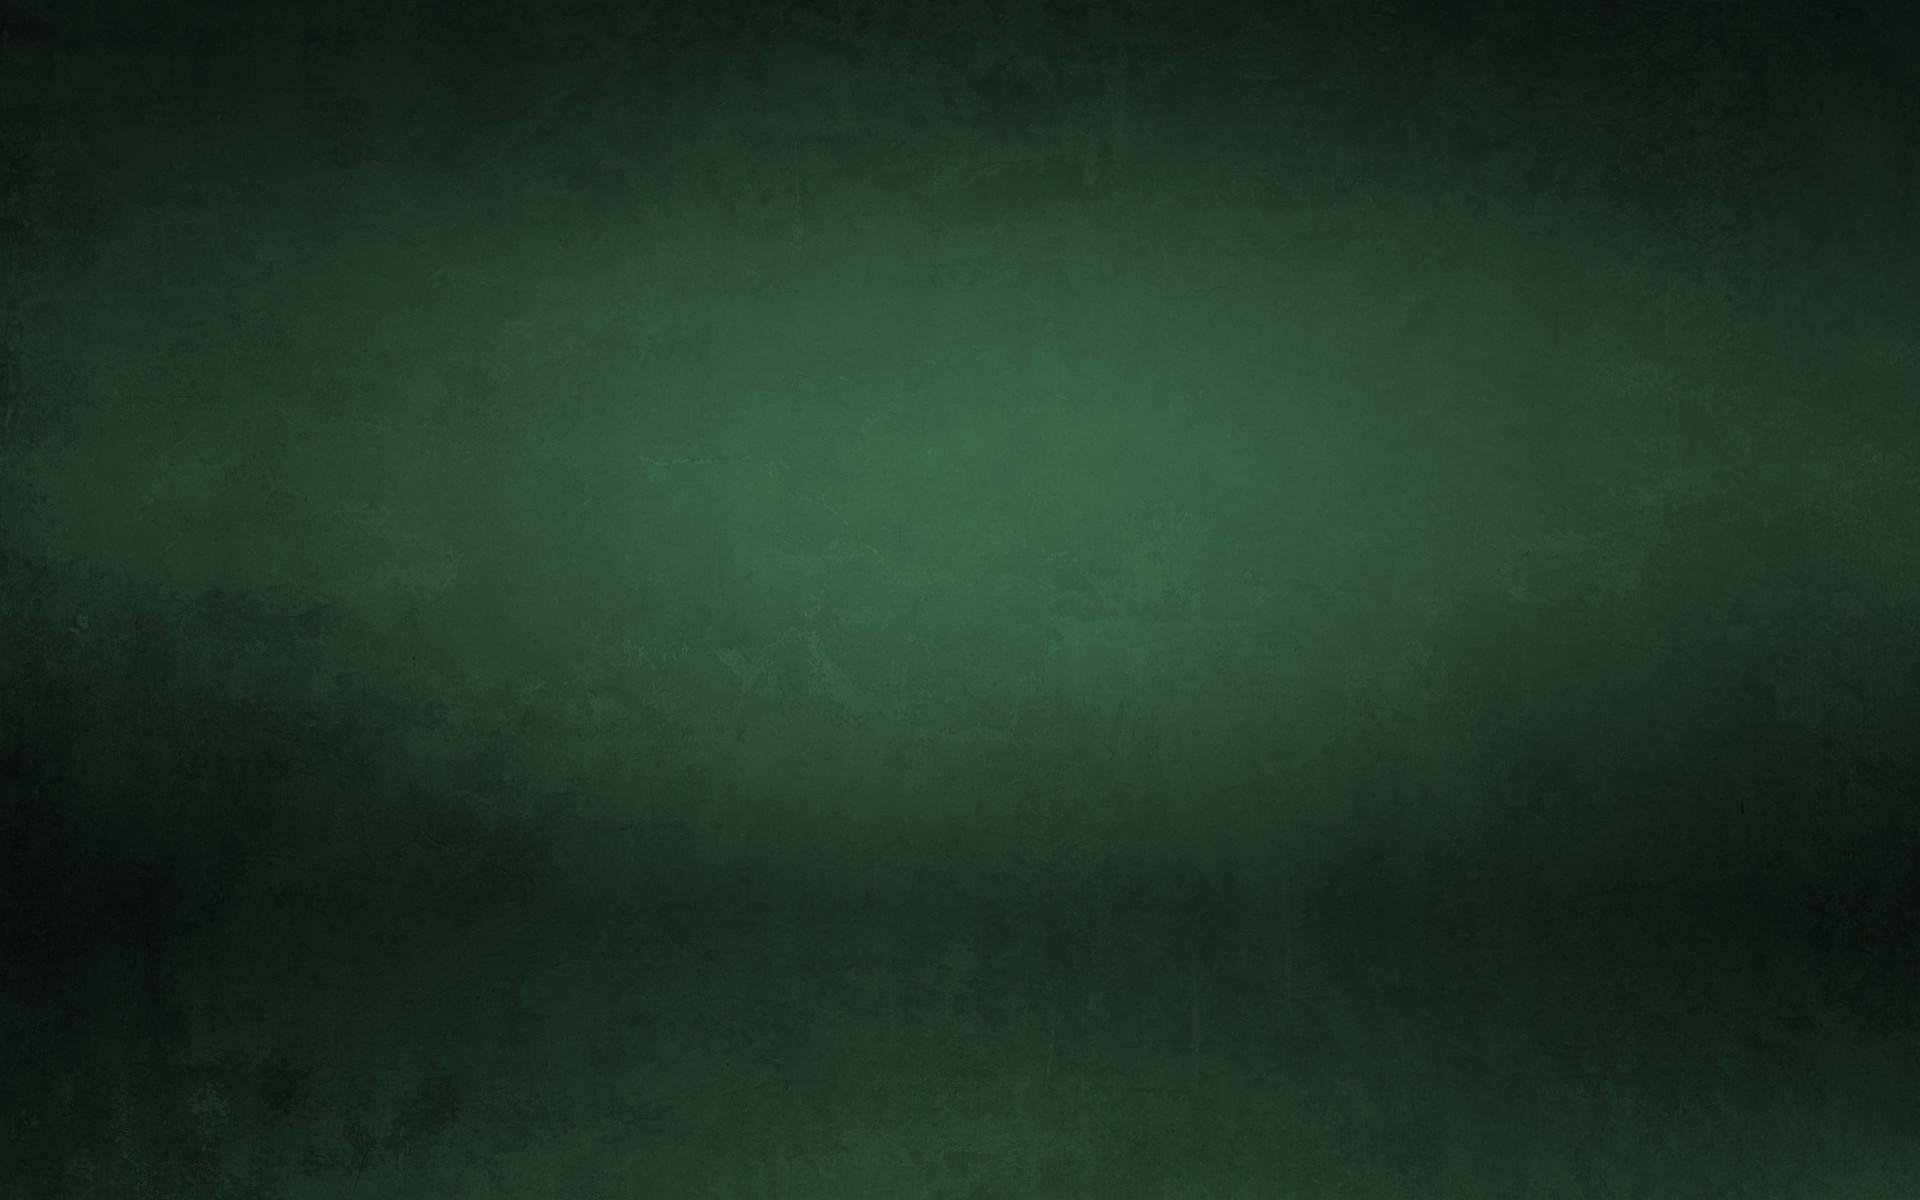 grunge dark green wallpapers grunge dark green stock photos 1920x1200